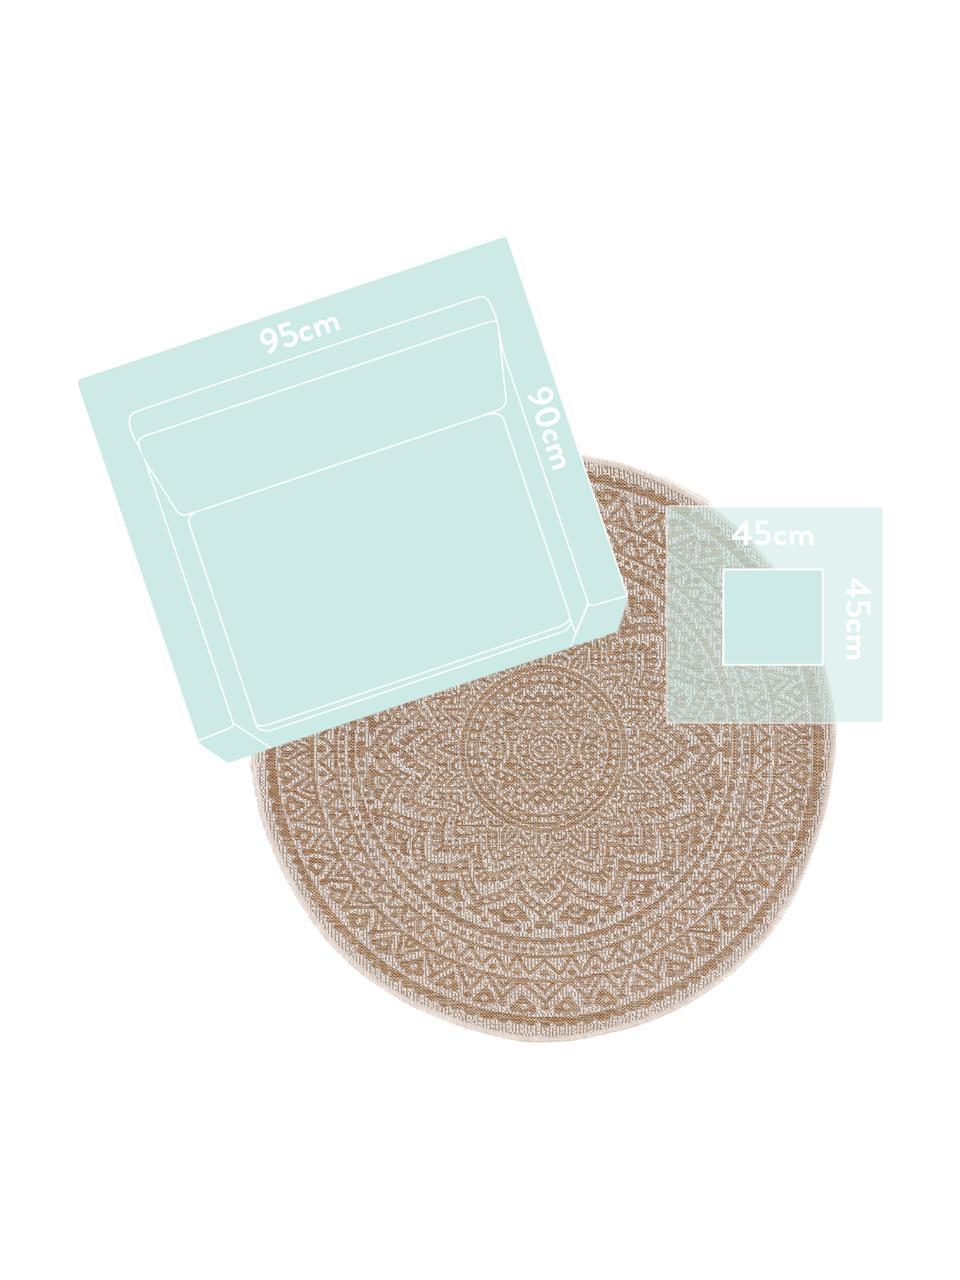 Runder In & Outdoor-Teppich Cleo, 90% Polypropylen, 10% Polyester, Beige, Cream, Ø 120 cm (Größe S)